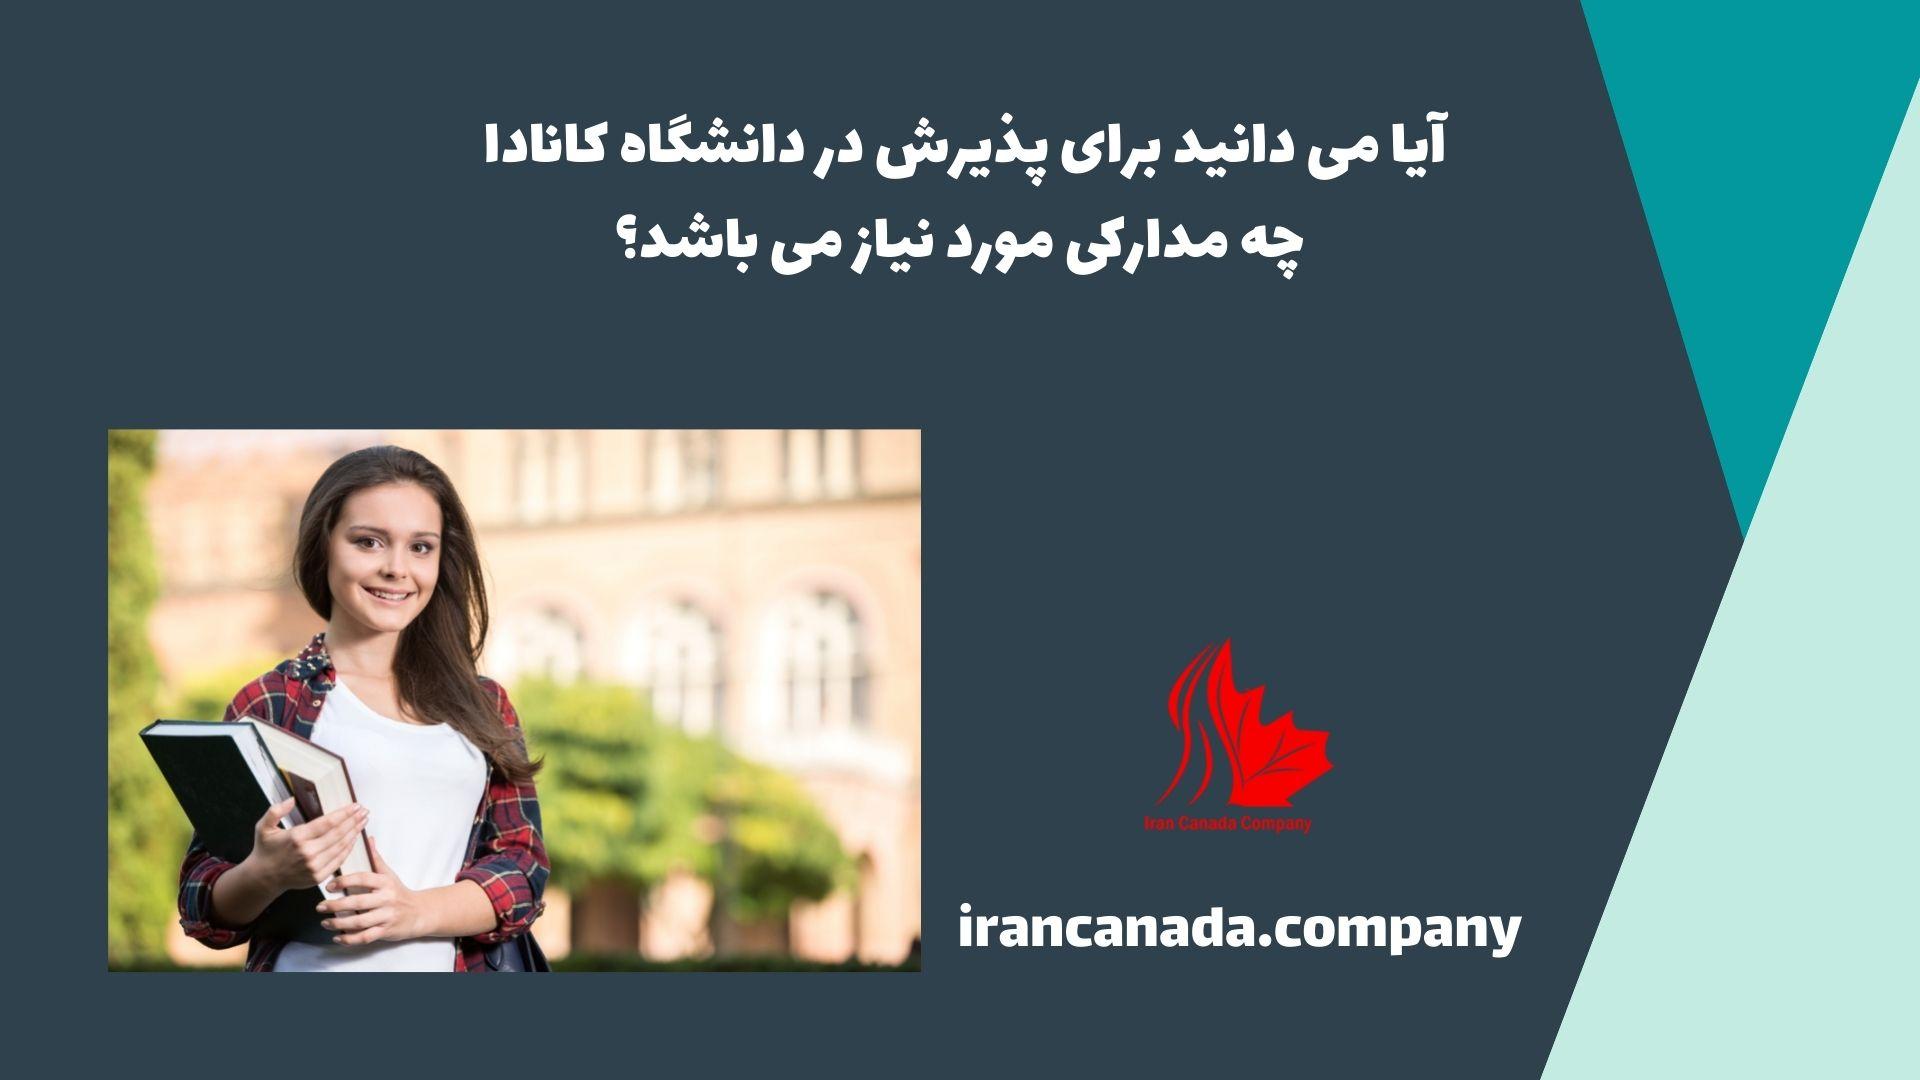 آیا می دانید که برای پذیرش در دانشگاه کانادا چه مدارکی مورد نیاز می باشد؟